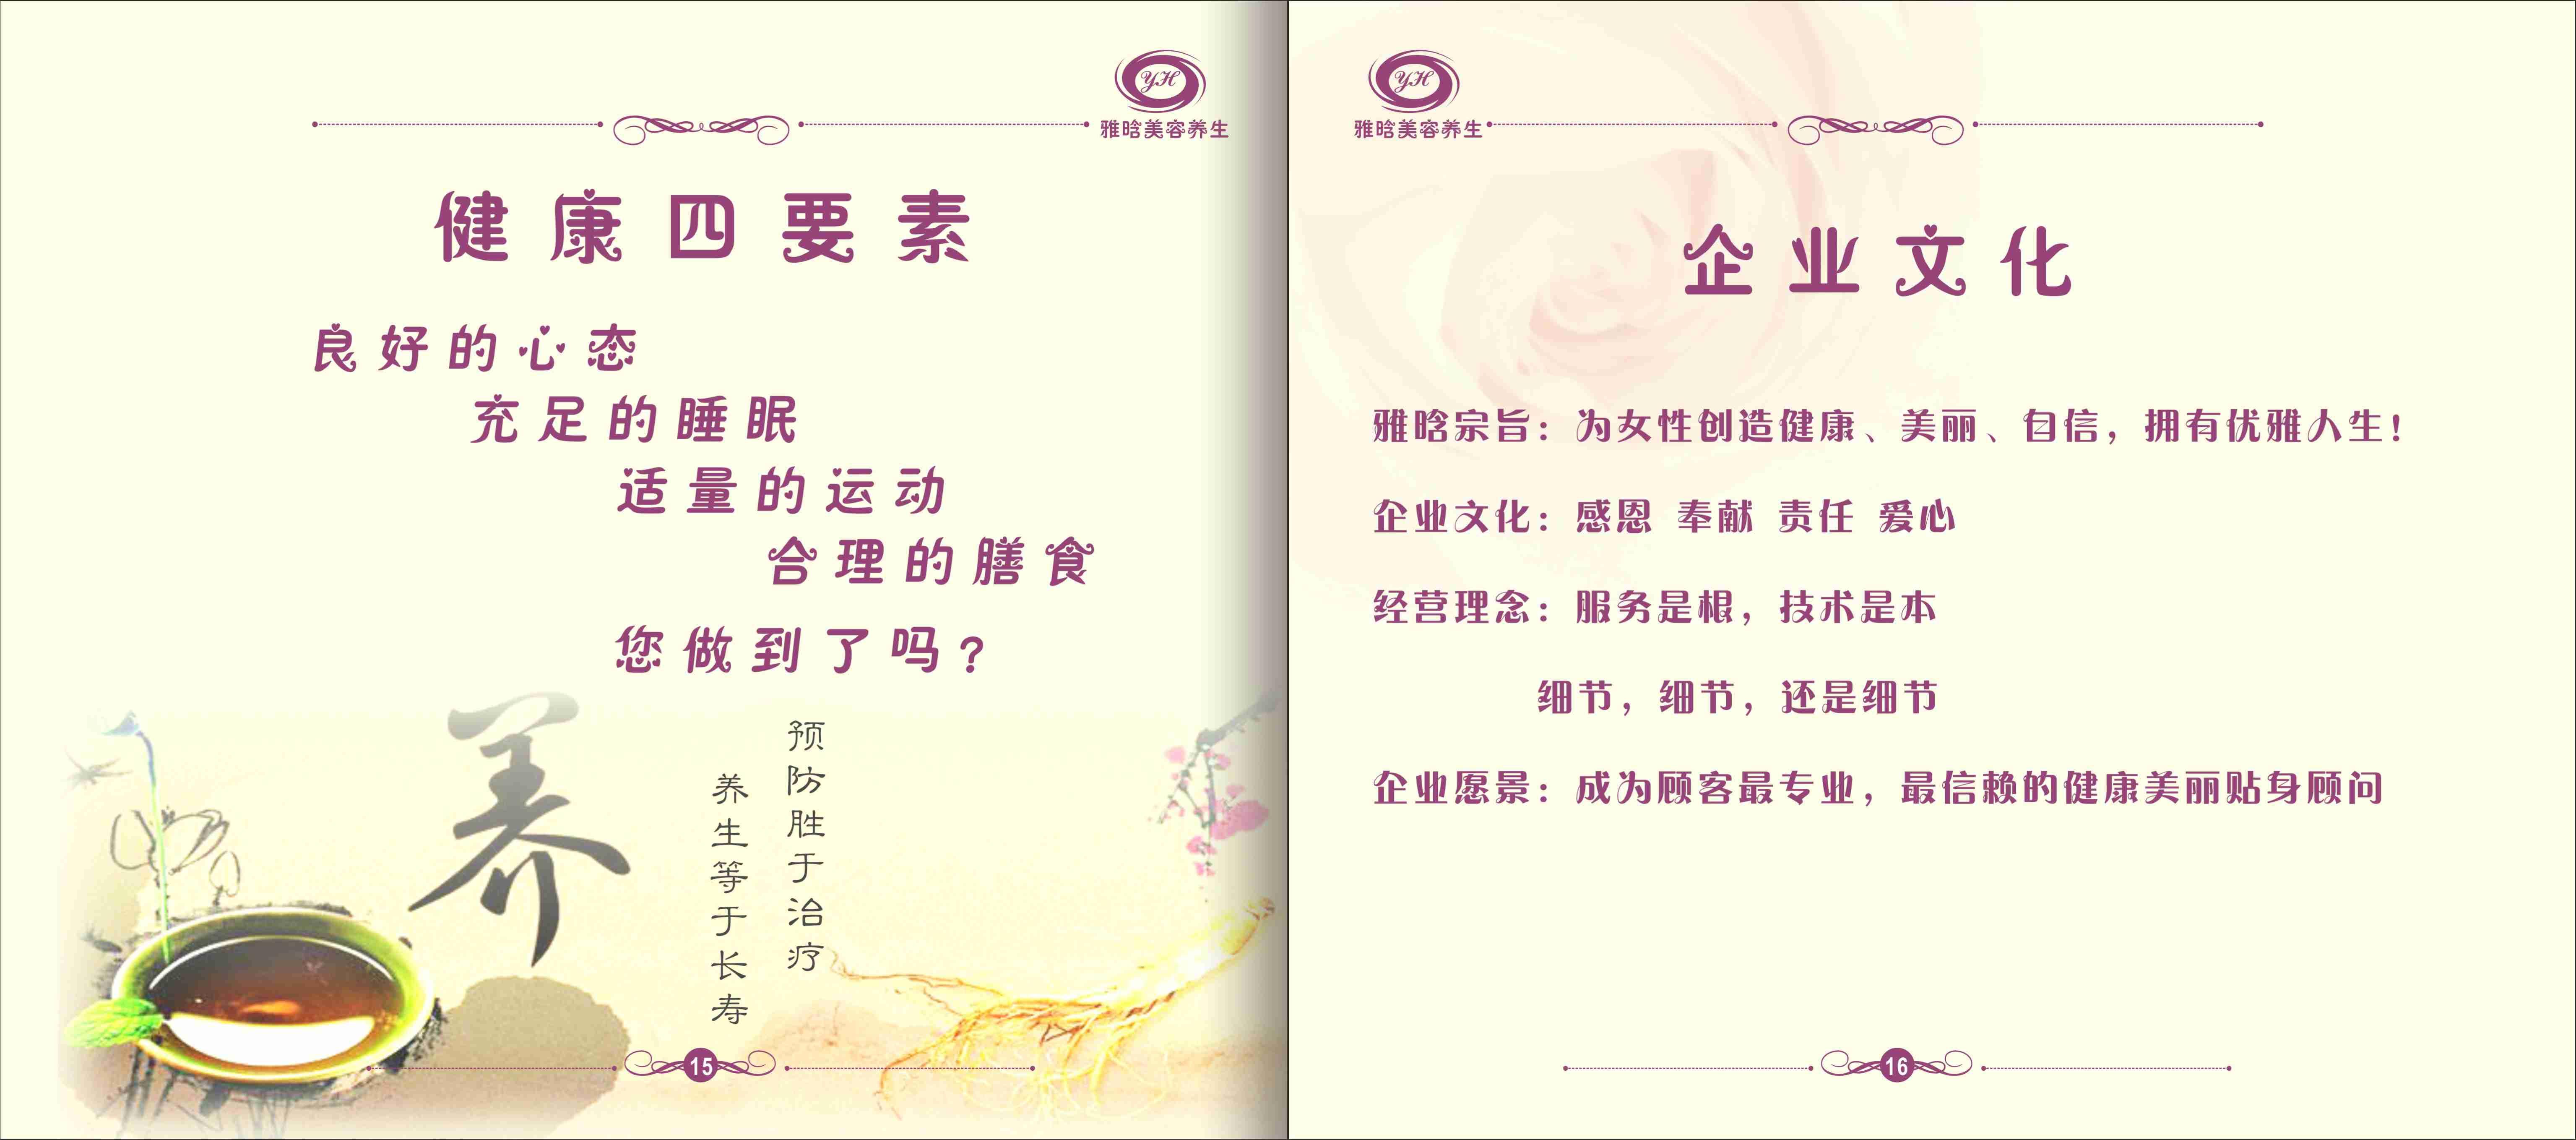 雅晗美容养生价目表宣传册